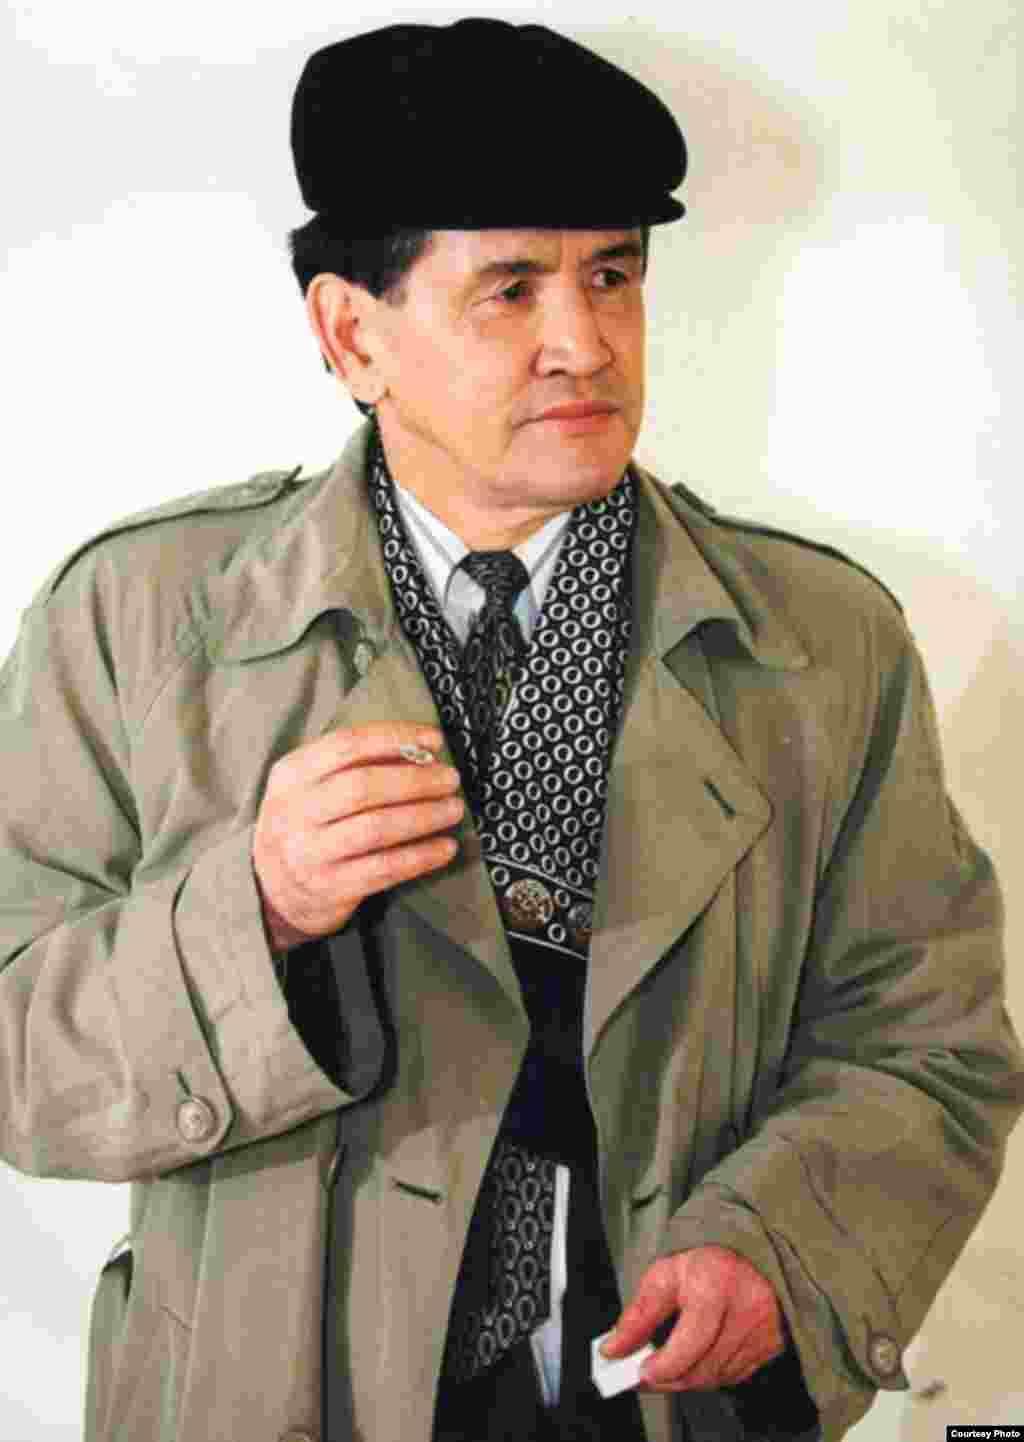 Марат Қабанбай (1948 - 2000 жж.), жазушы, журналист hәm көсемсөз шебері.